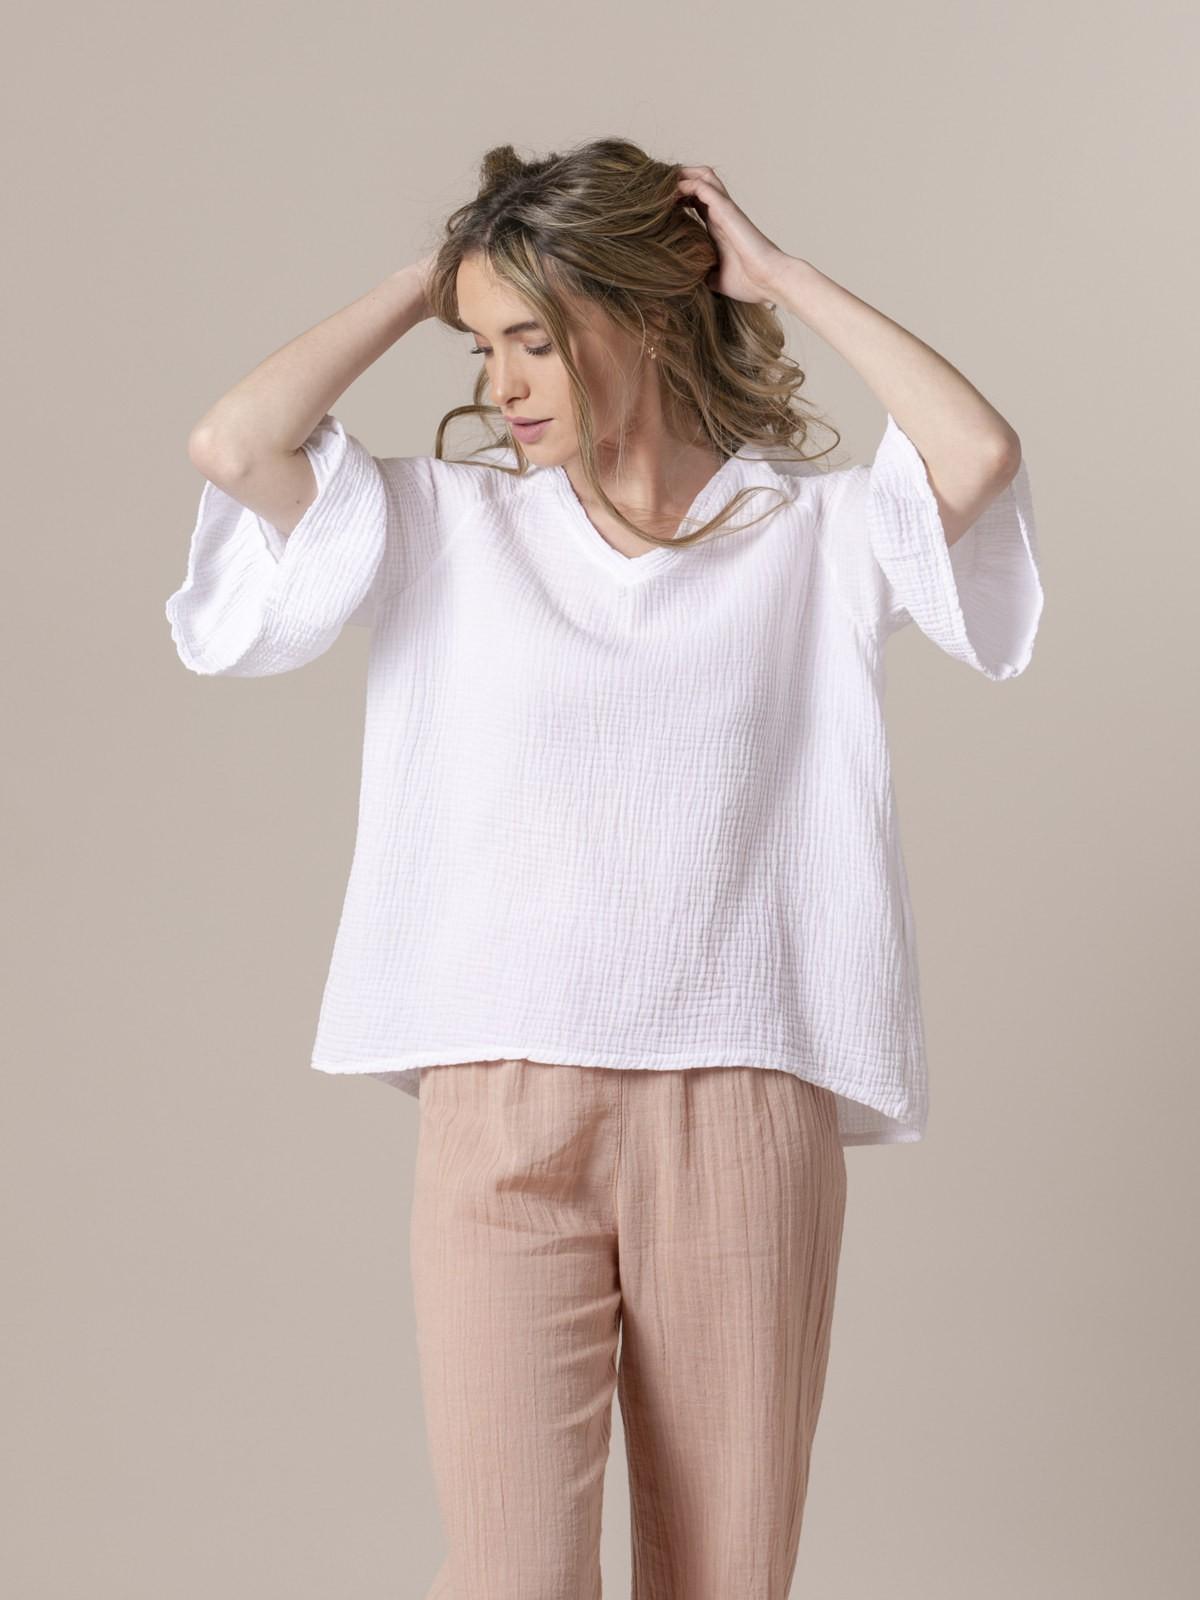 Woman Woman Symmetrical wrinkled shirt White